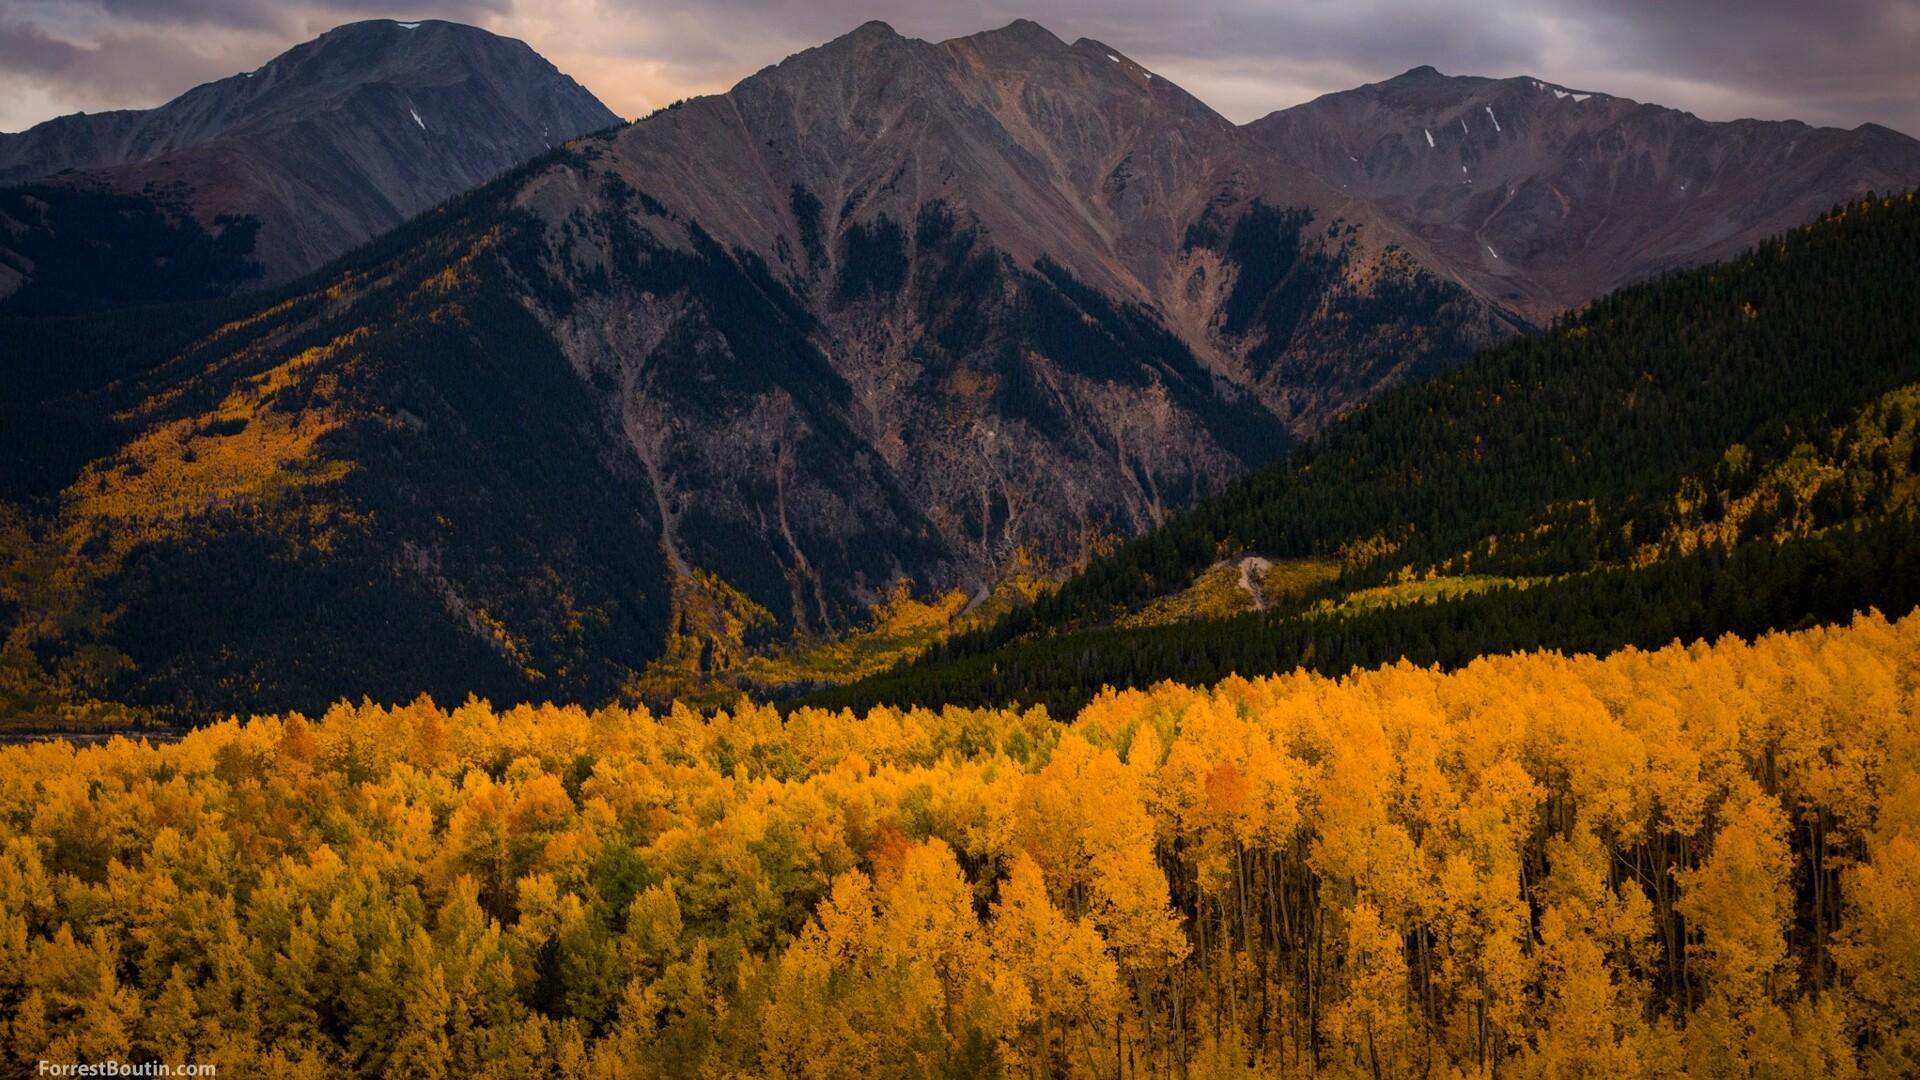 Sawatch Mountain Range Mt Hope Win Peaks Rinker Forrest Boutin.jpg